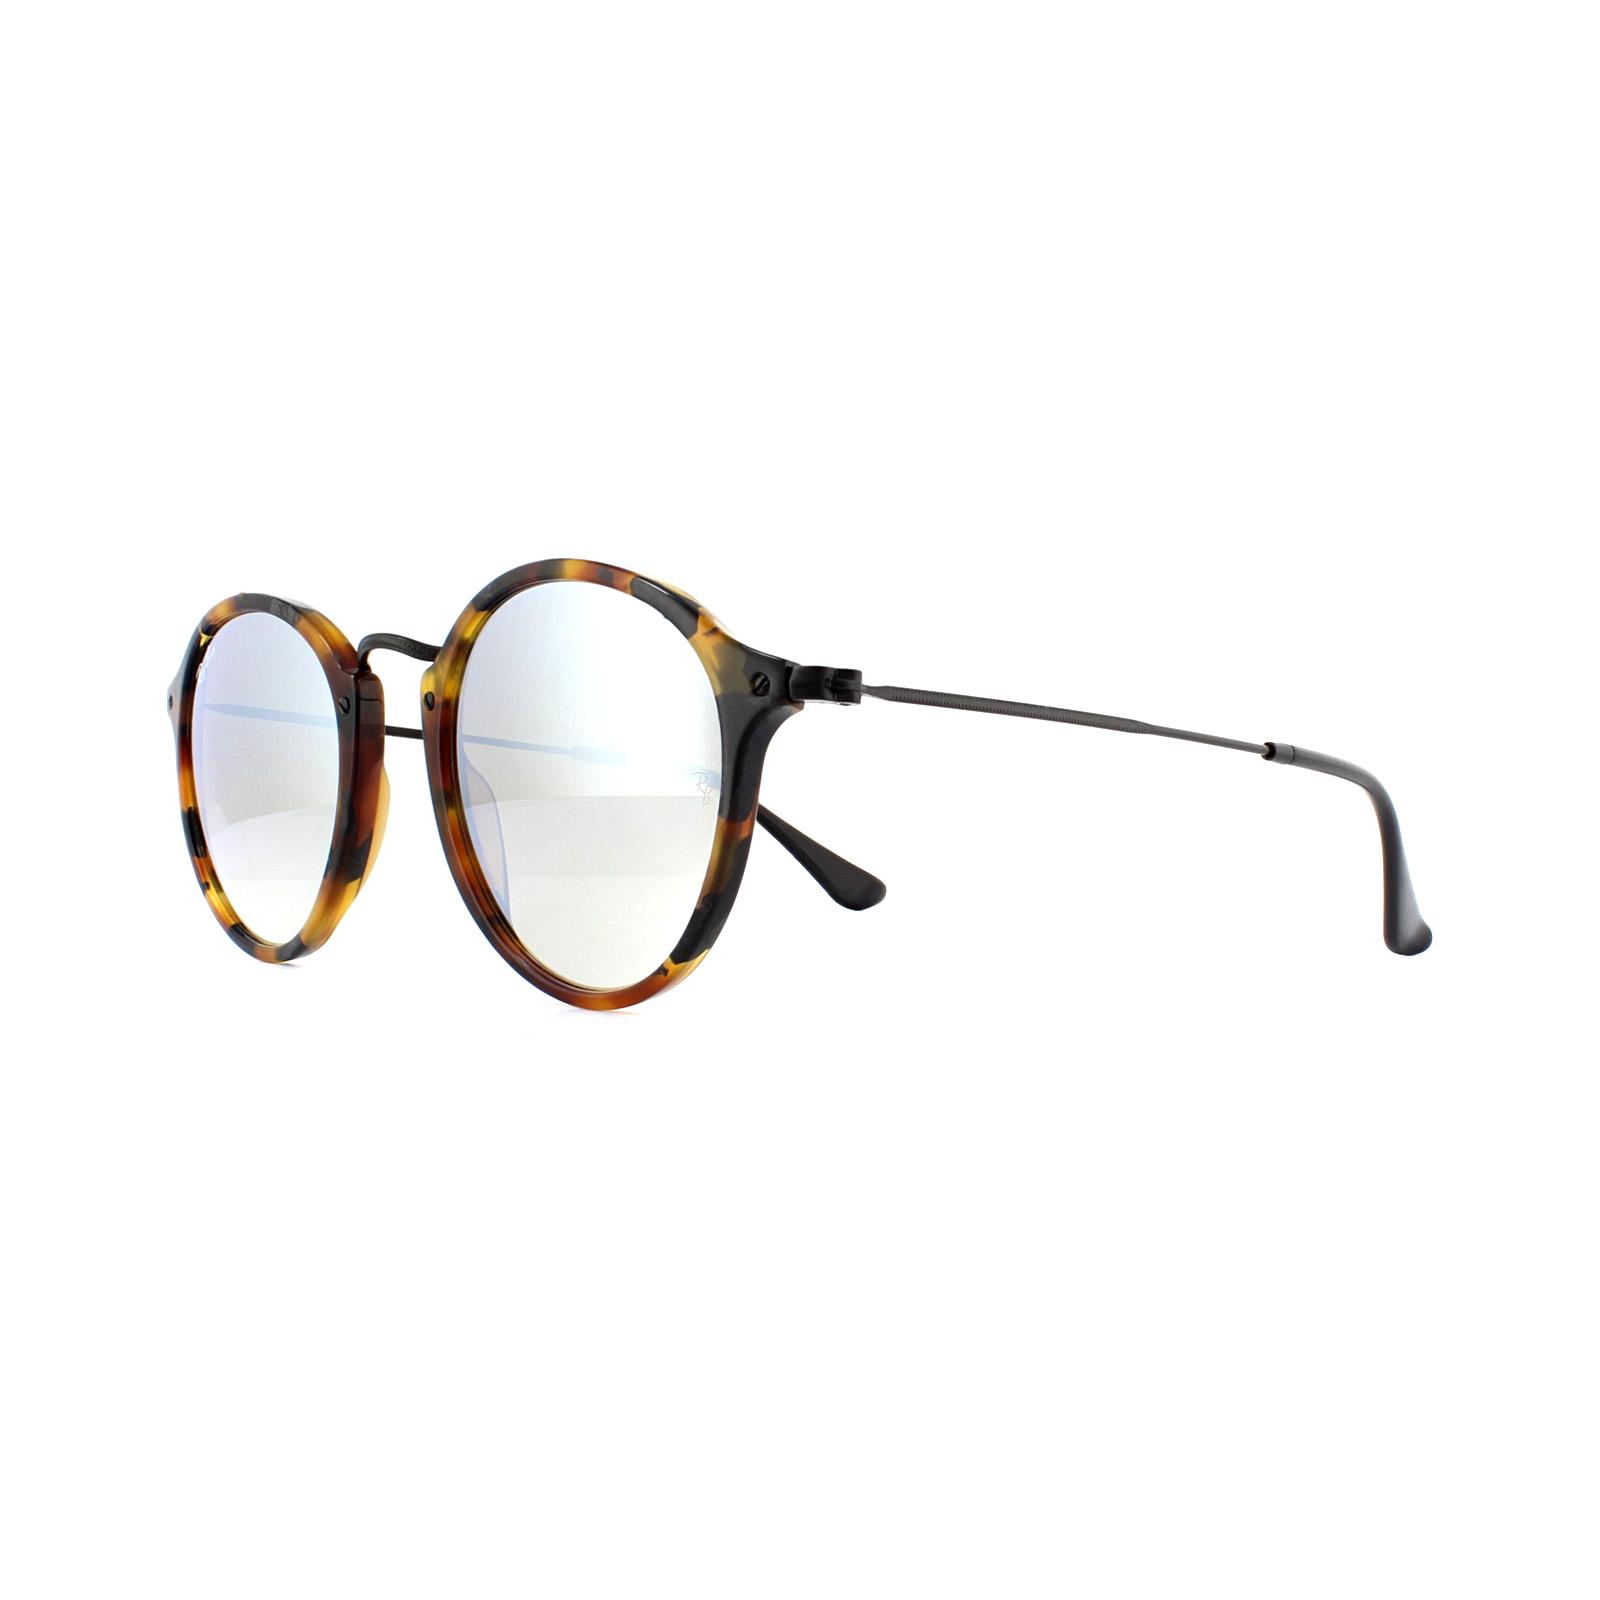 244e684aab CENTINELA Gafas de sol Ray Ban redondas Fleck 2447 11579U la Habana  graduado gris espejo 49mm